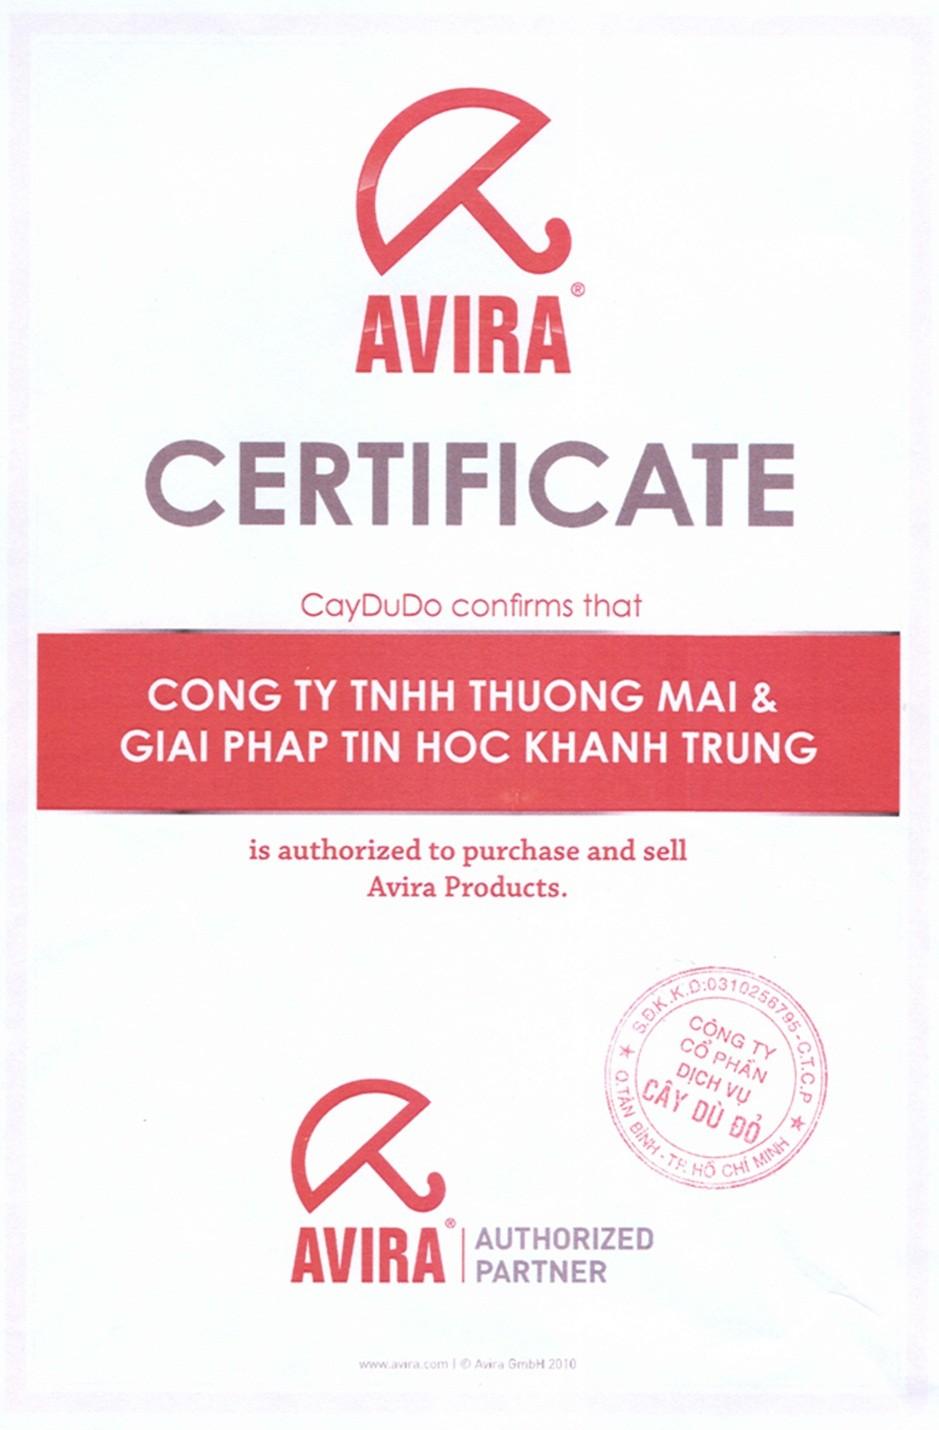 Đại lý/nhà cung cấp sản phẩm Avira